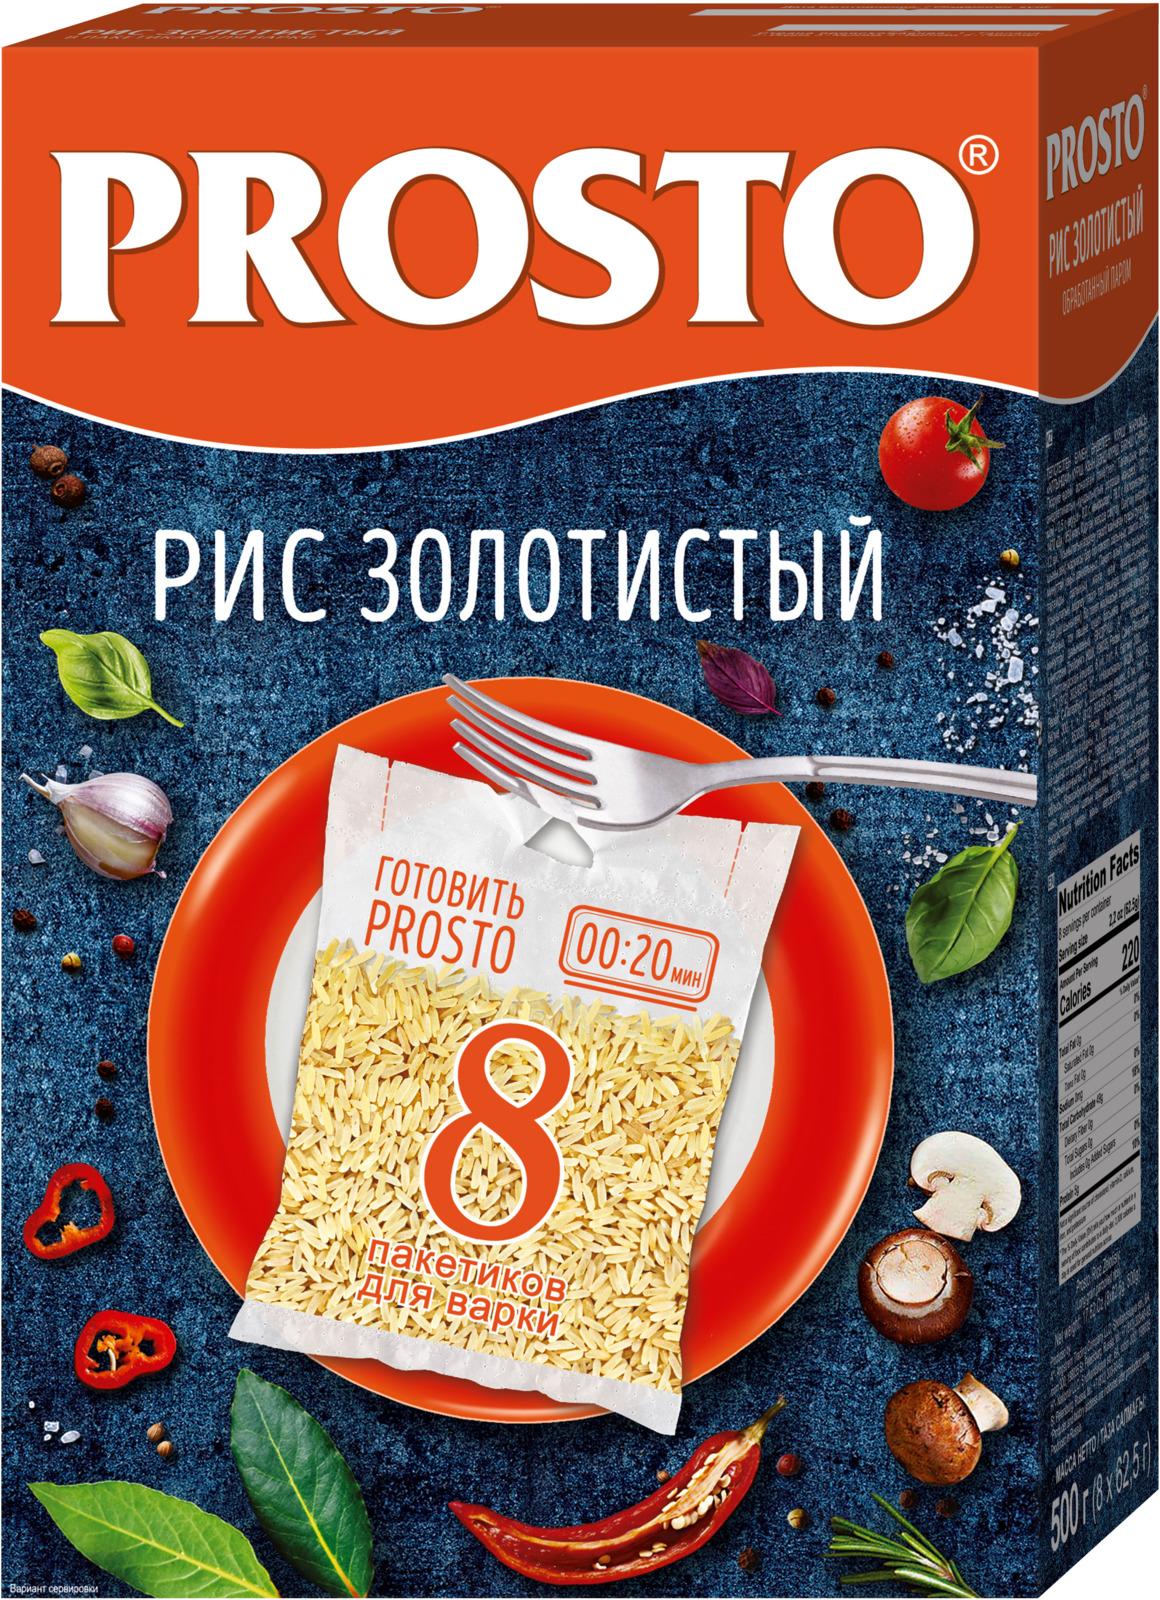 Prosto рис длиннозерный пропаренный Золотистый в пакетиках для варки, 8 шт по 62,5 г18133Prosto - это крупы в варочных пакетах. Благодаря индивидуальной порционной фасовке продукт не пригорает и не прилипает к стенкам кастрюли. Рис Prosto Золотистый - длиннозерный обработанный паром рис из Таиланда высшего стандарта качества. Благодаря специальной паровой обработке питательные вещества, минералы и витамины, содержащиеся в оболочке, поступают внутрь зерна, повышая его пищевую ценность. После обработки паром зерно приобретает медово- золотистый цвет, а в процессе варки снова становится белоснежным. При приготовлении рис Золотистый не слипается и не разваривается, прекрасно подходит для гарнирных блюд и плова.